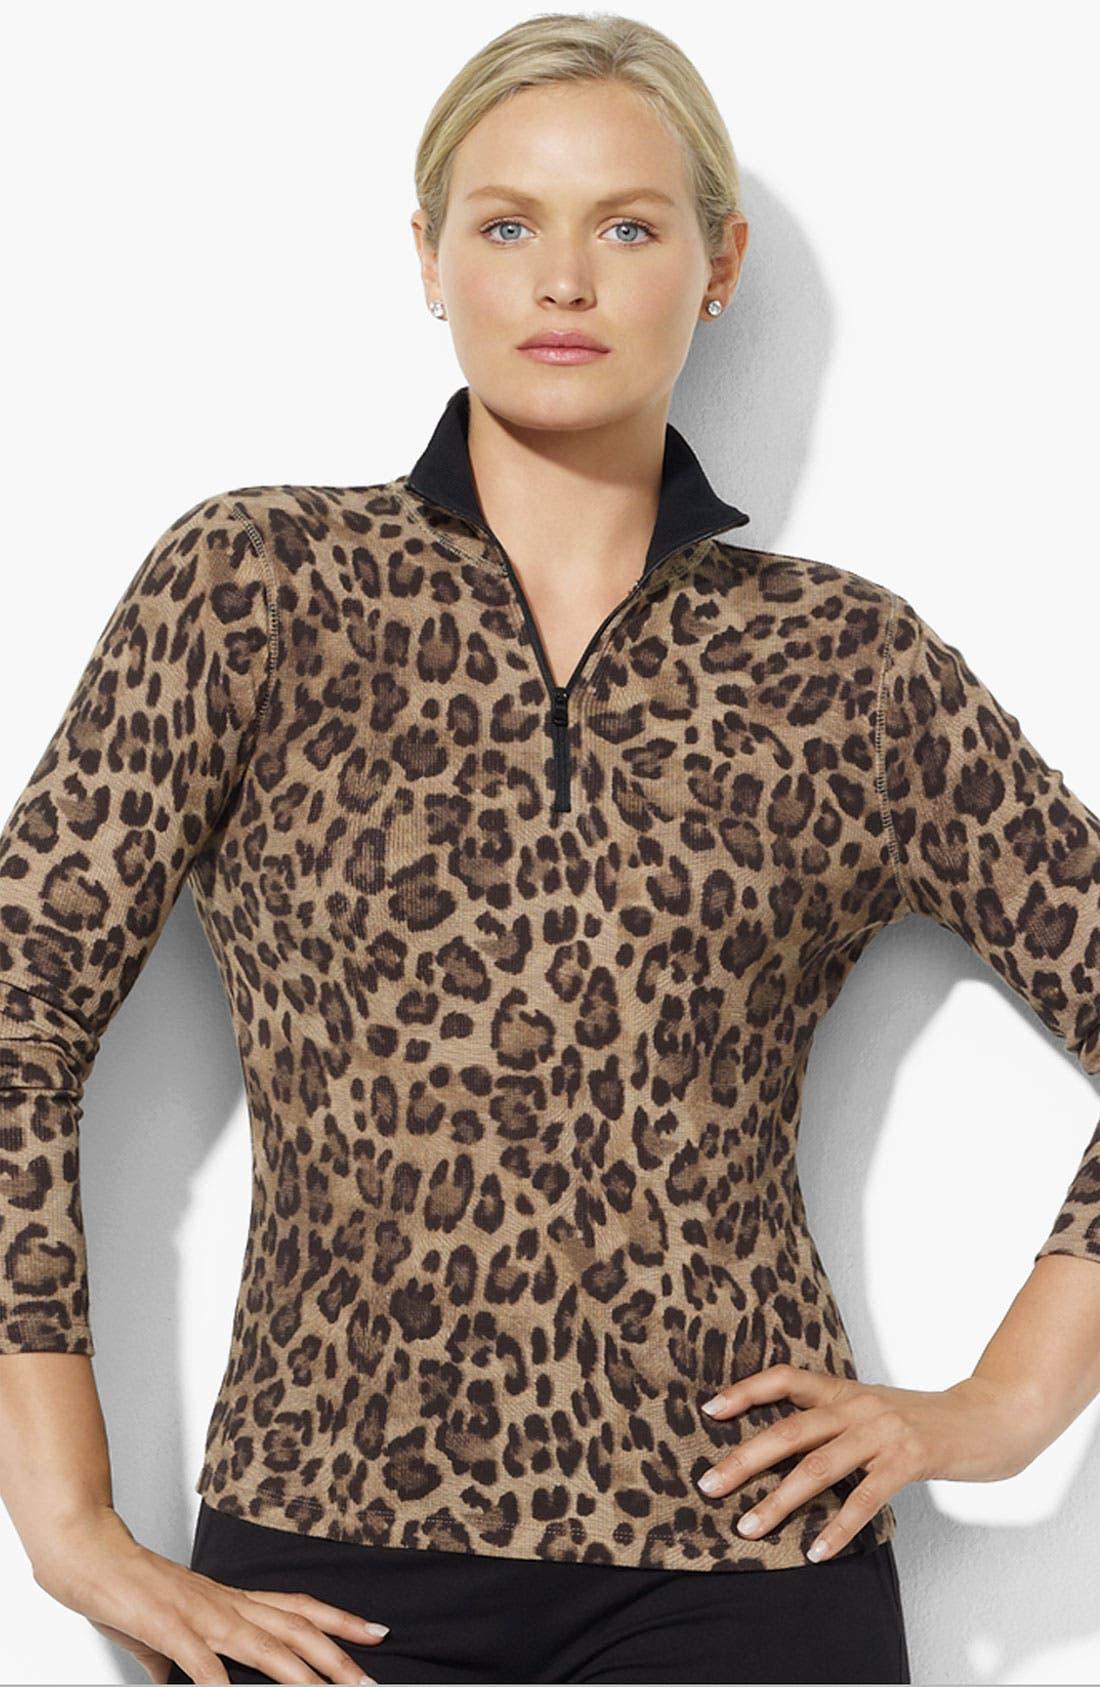 Alternate Image 1 Selected - Lauren Ralph Lauren Leopard Mock Neck Top (Plus)